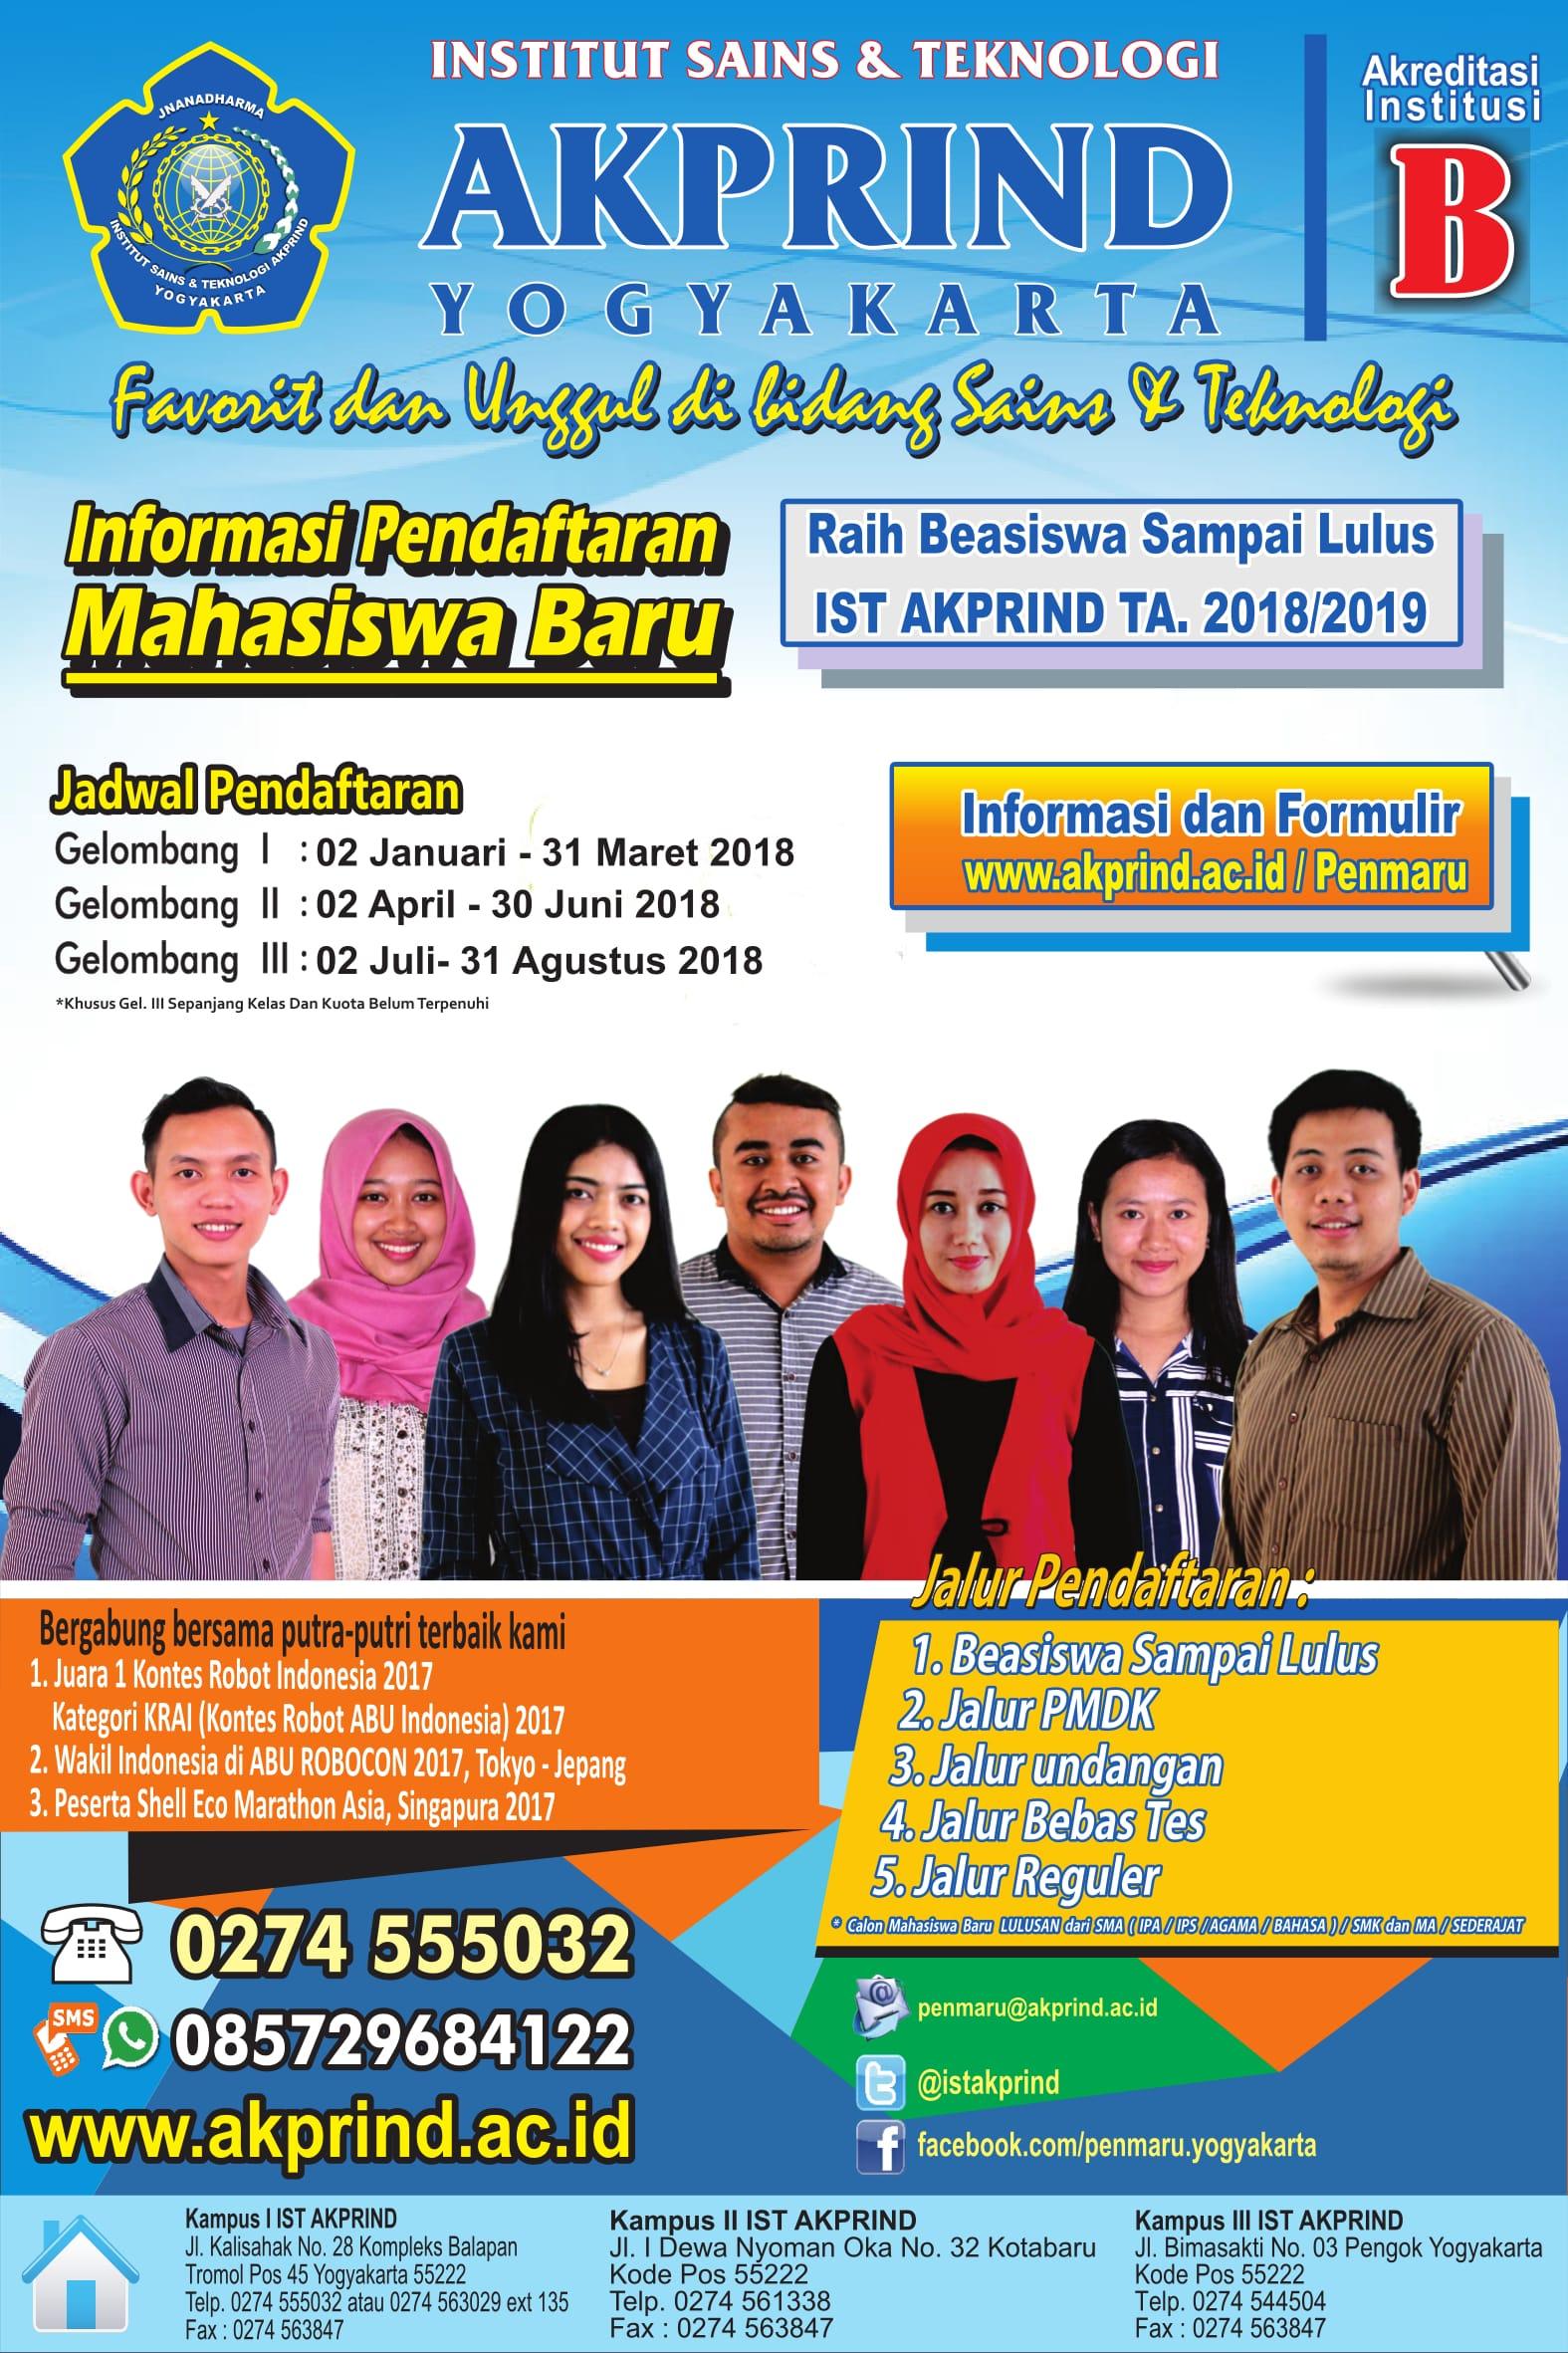 Info Pendaftaran Mahasiswa Baru 2018